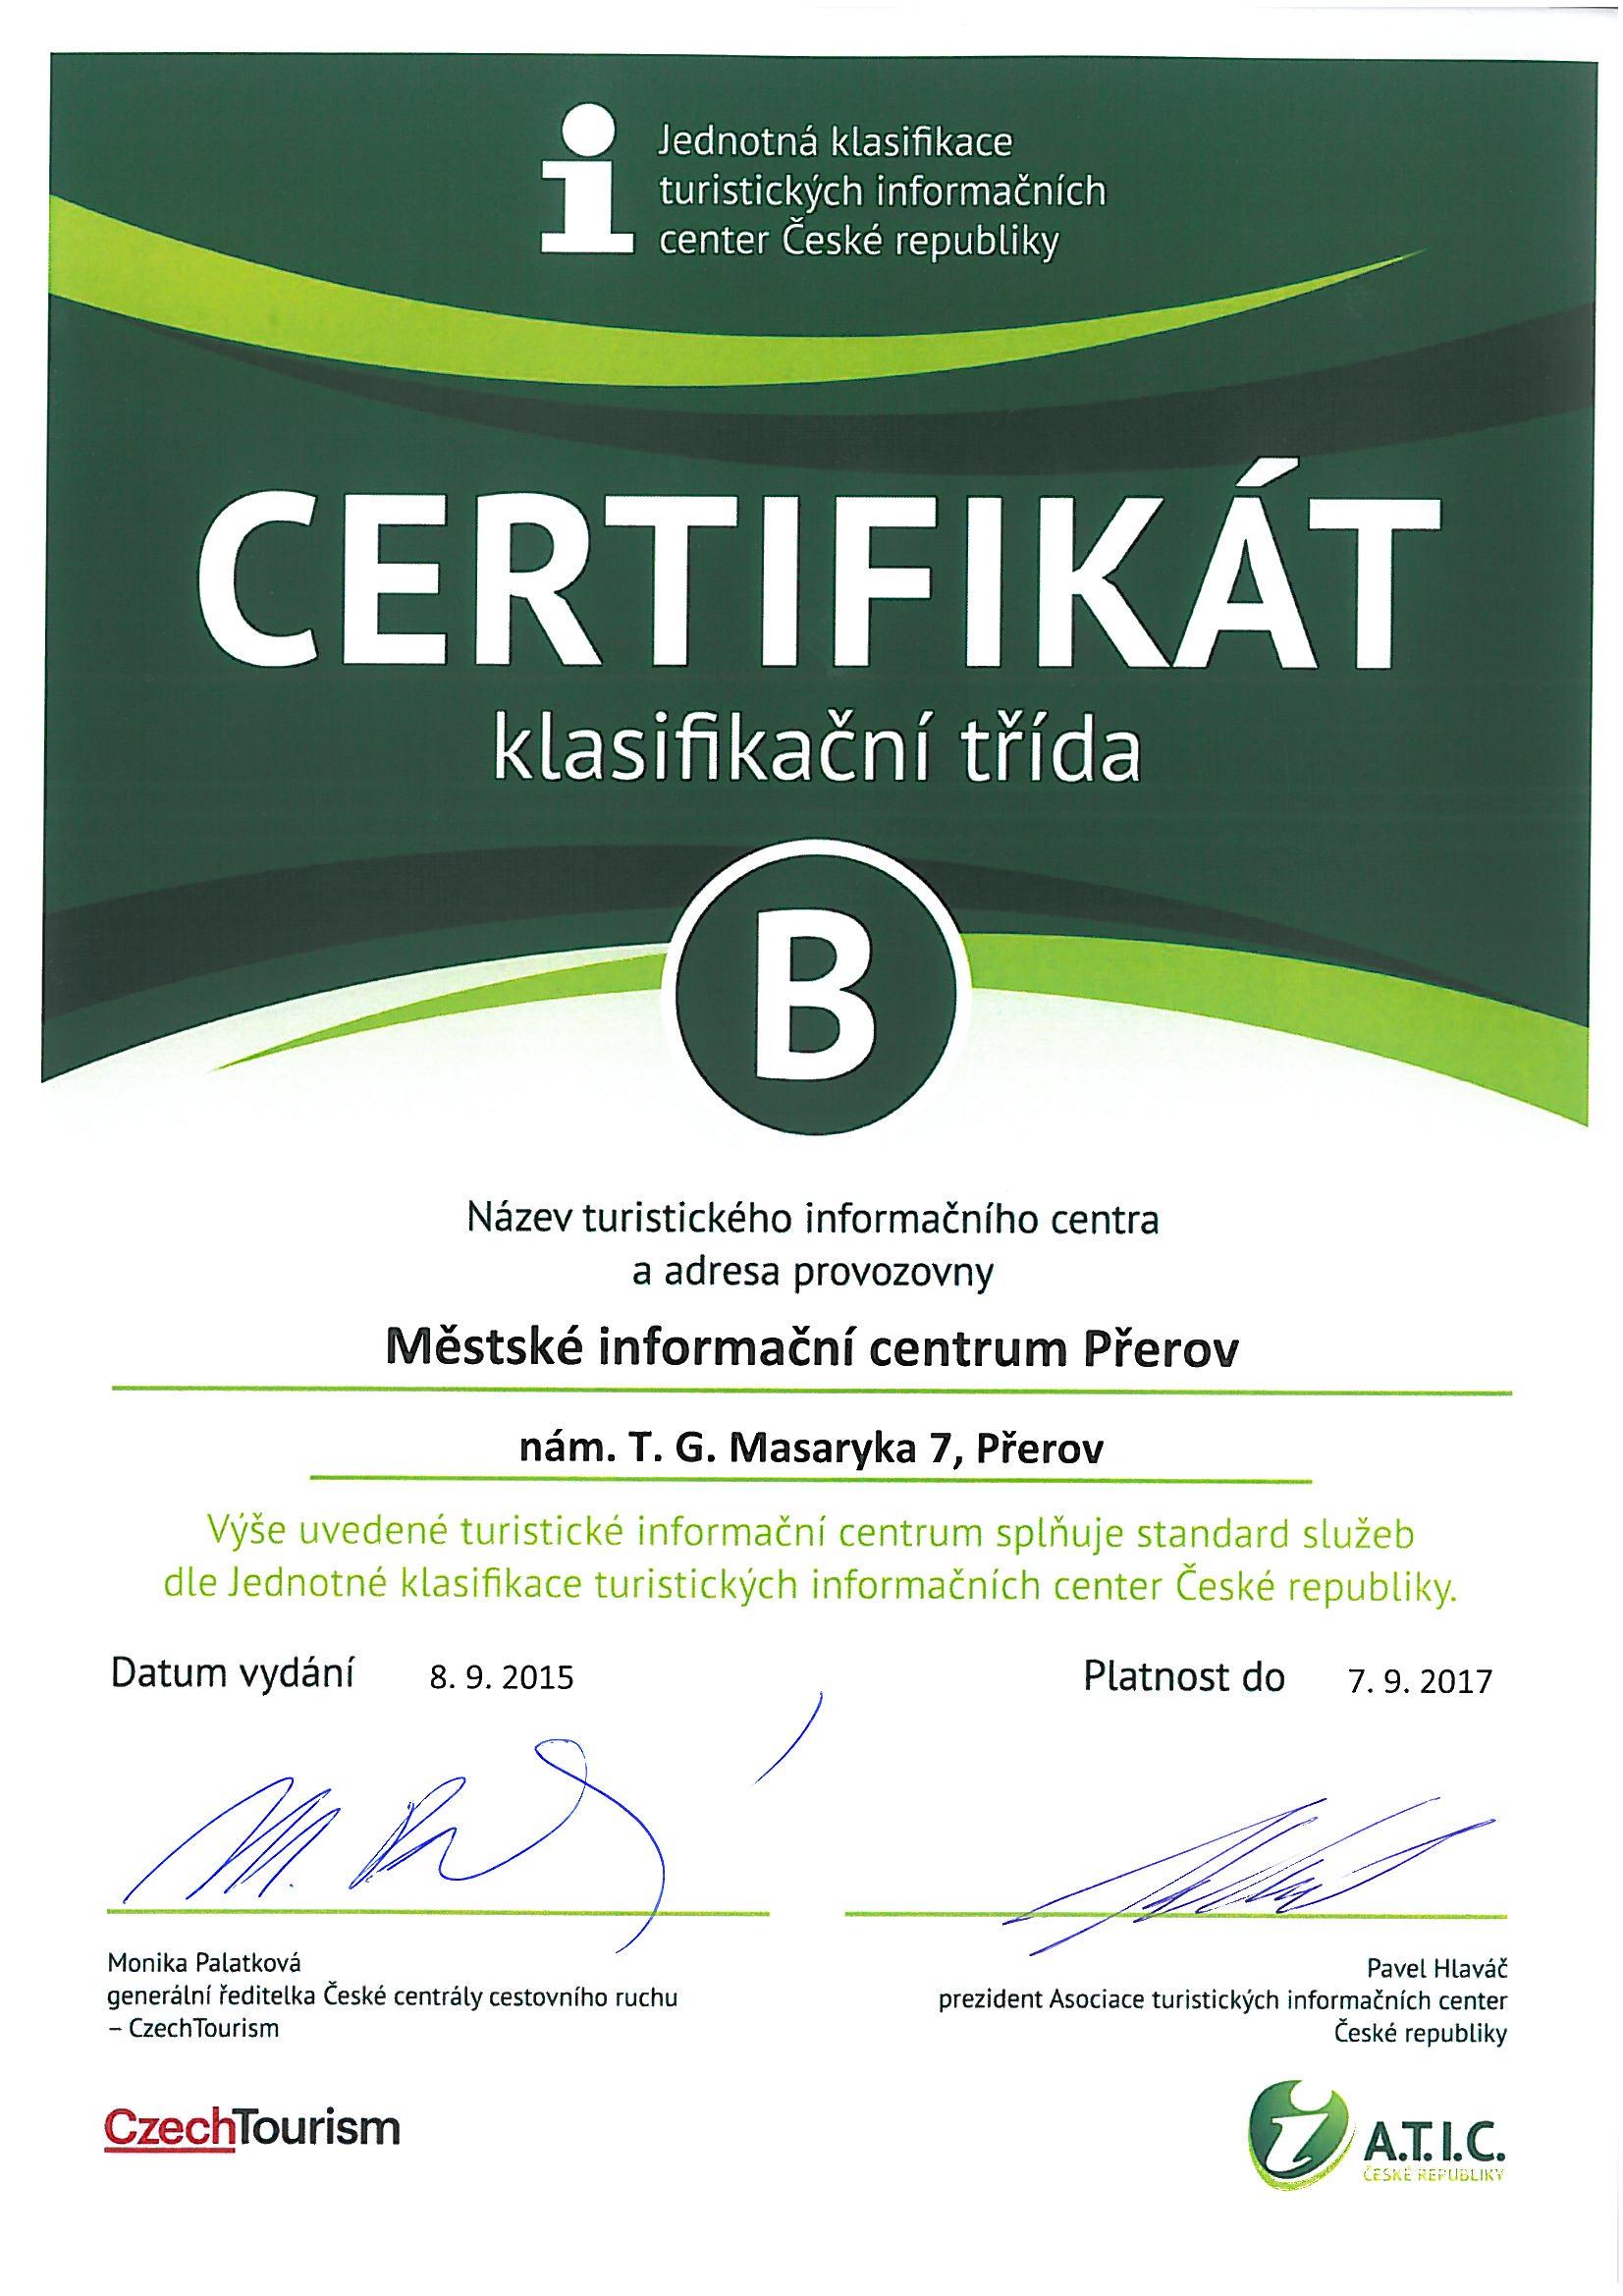 Certifikace MIC, obrázek se otevře v novém okně